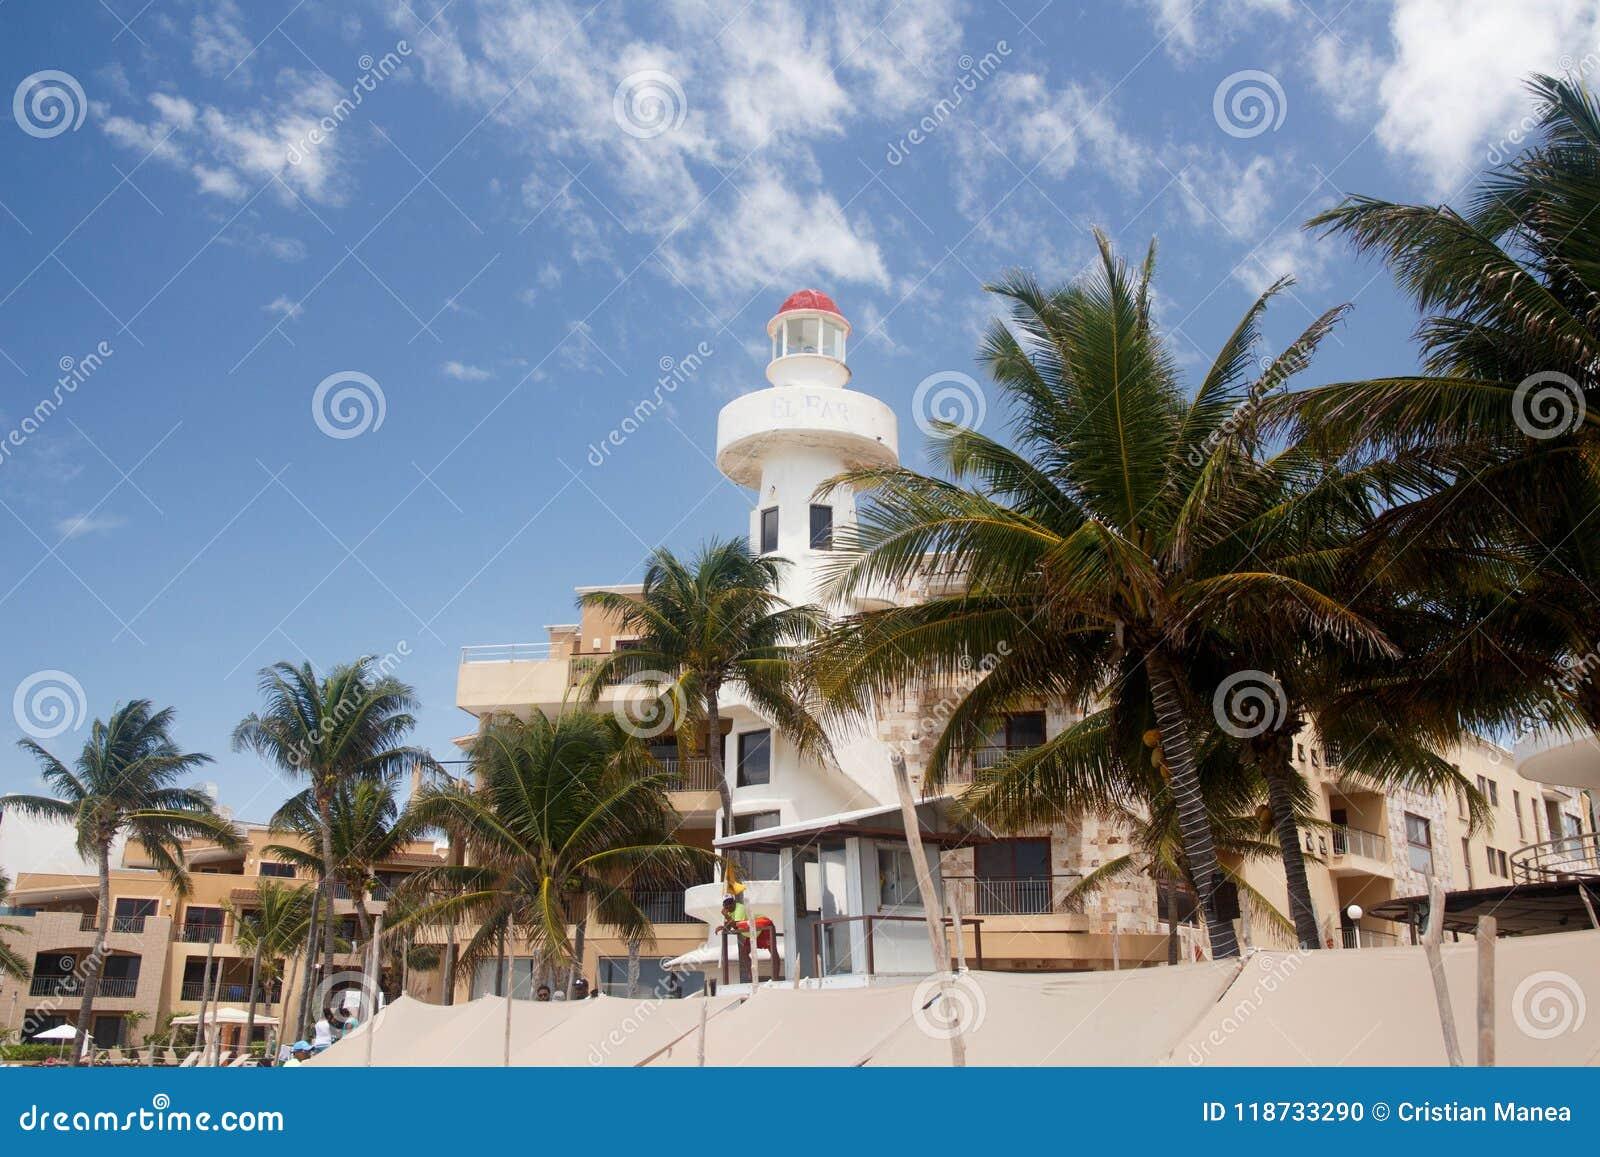 Playa del Carmen View van het Centrale deel van het strand, toerisme In Mexico